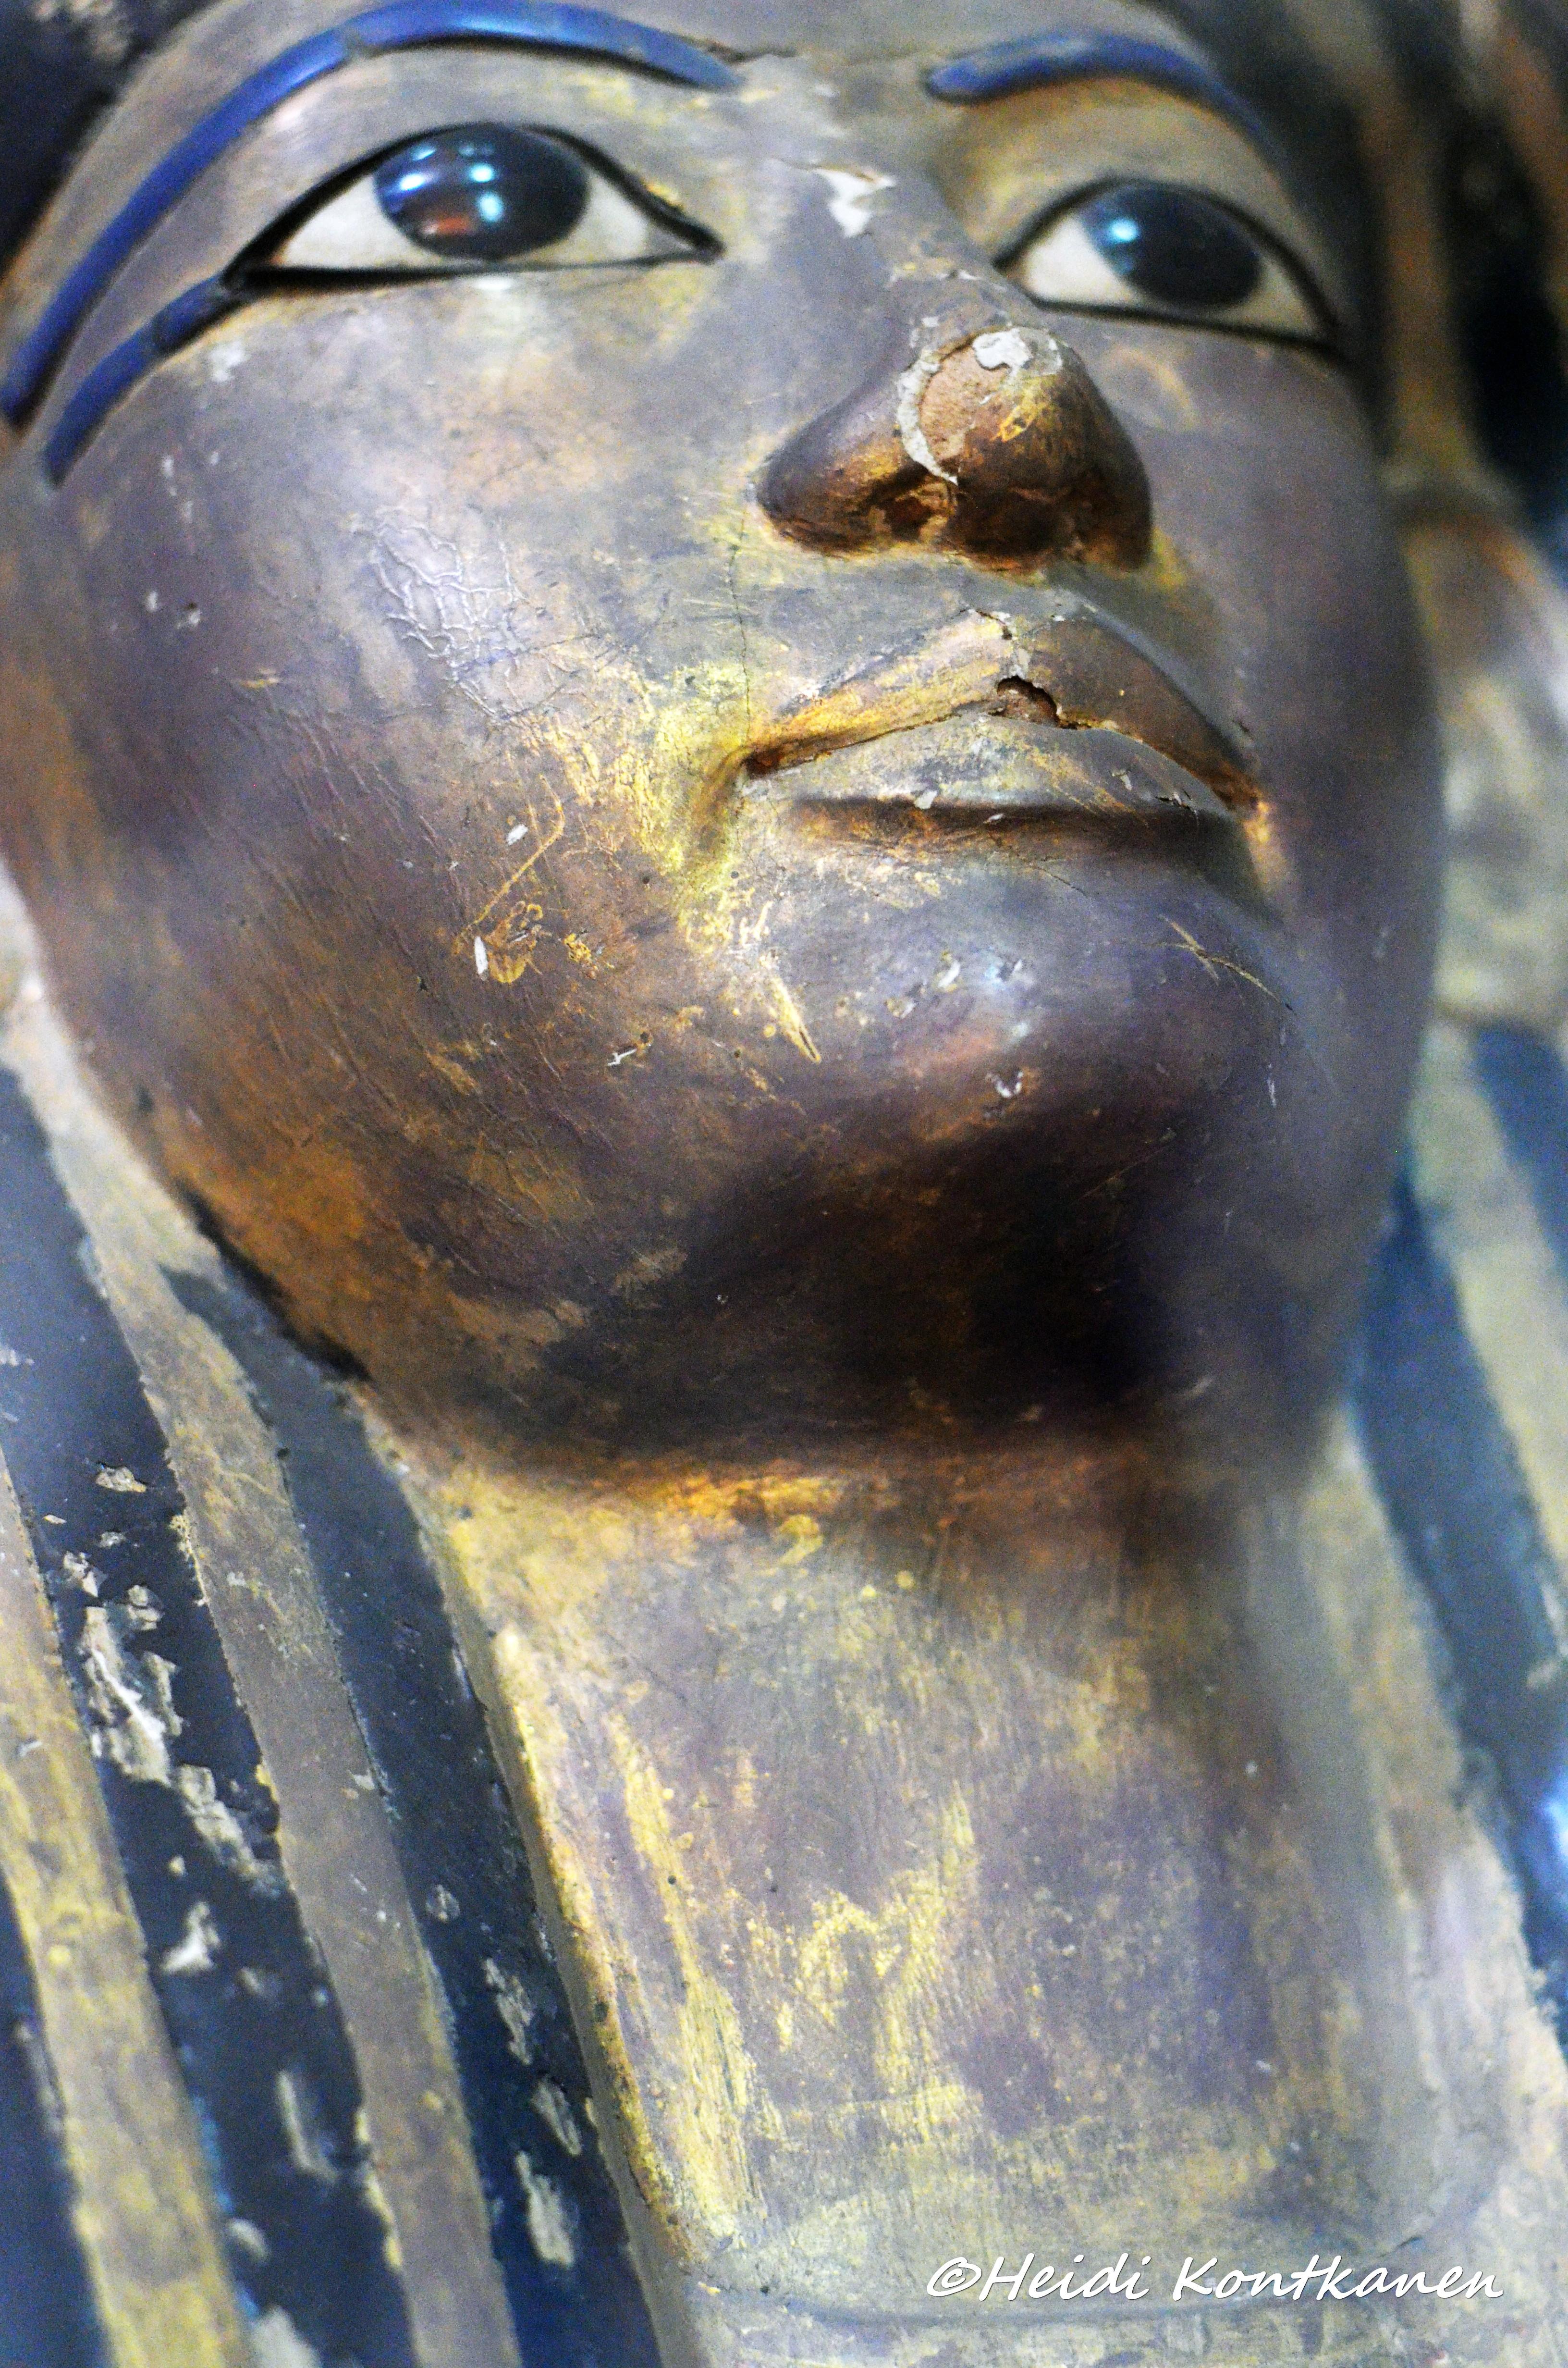 Face of inner coffin